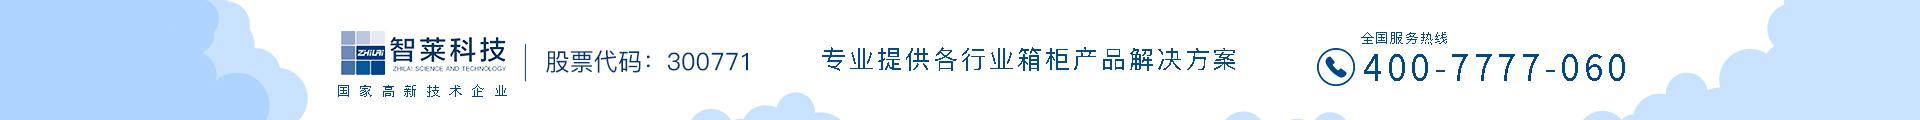 深圳市智萊科技股份有限公司